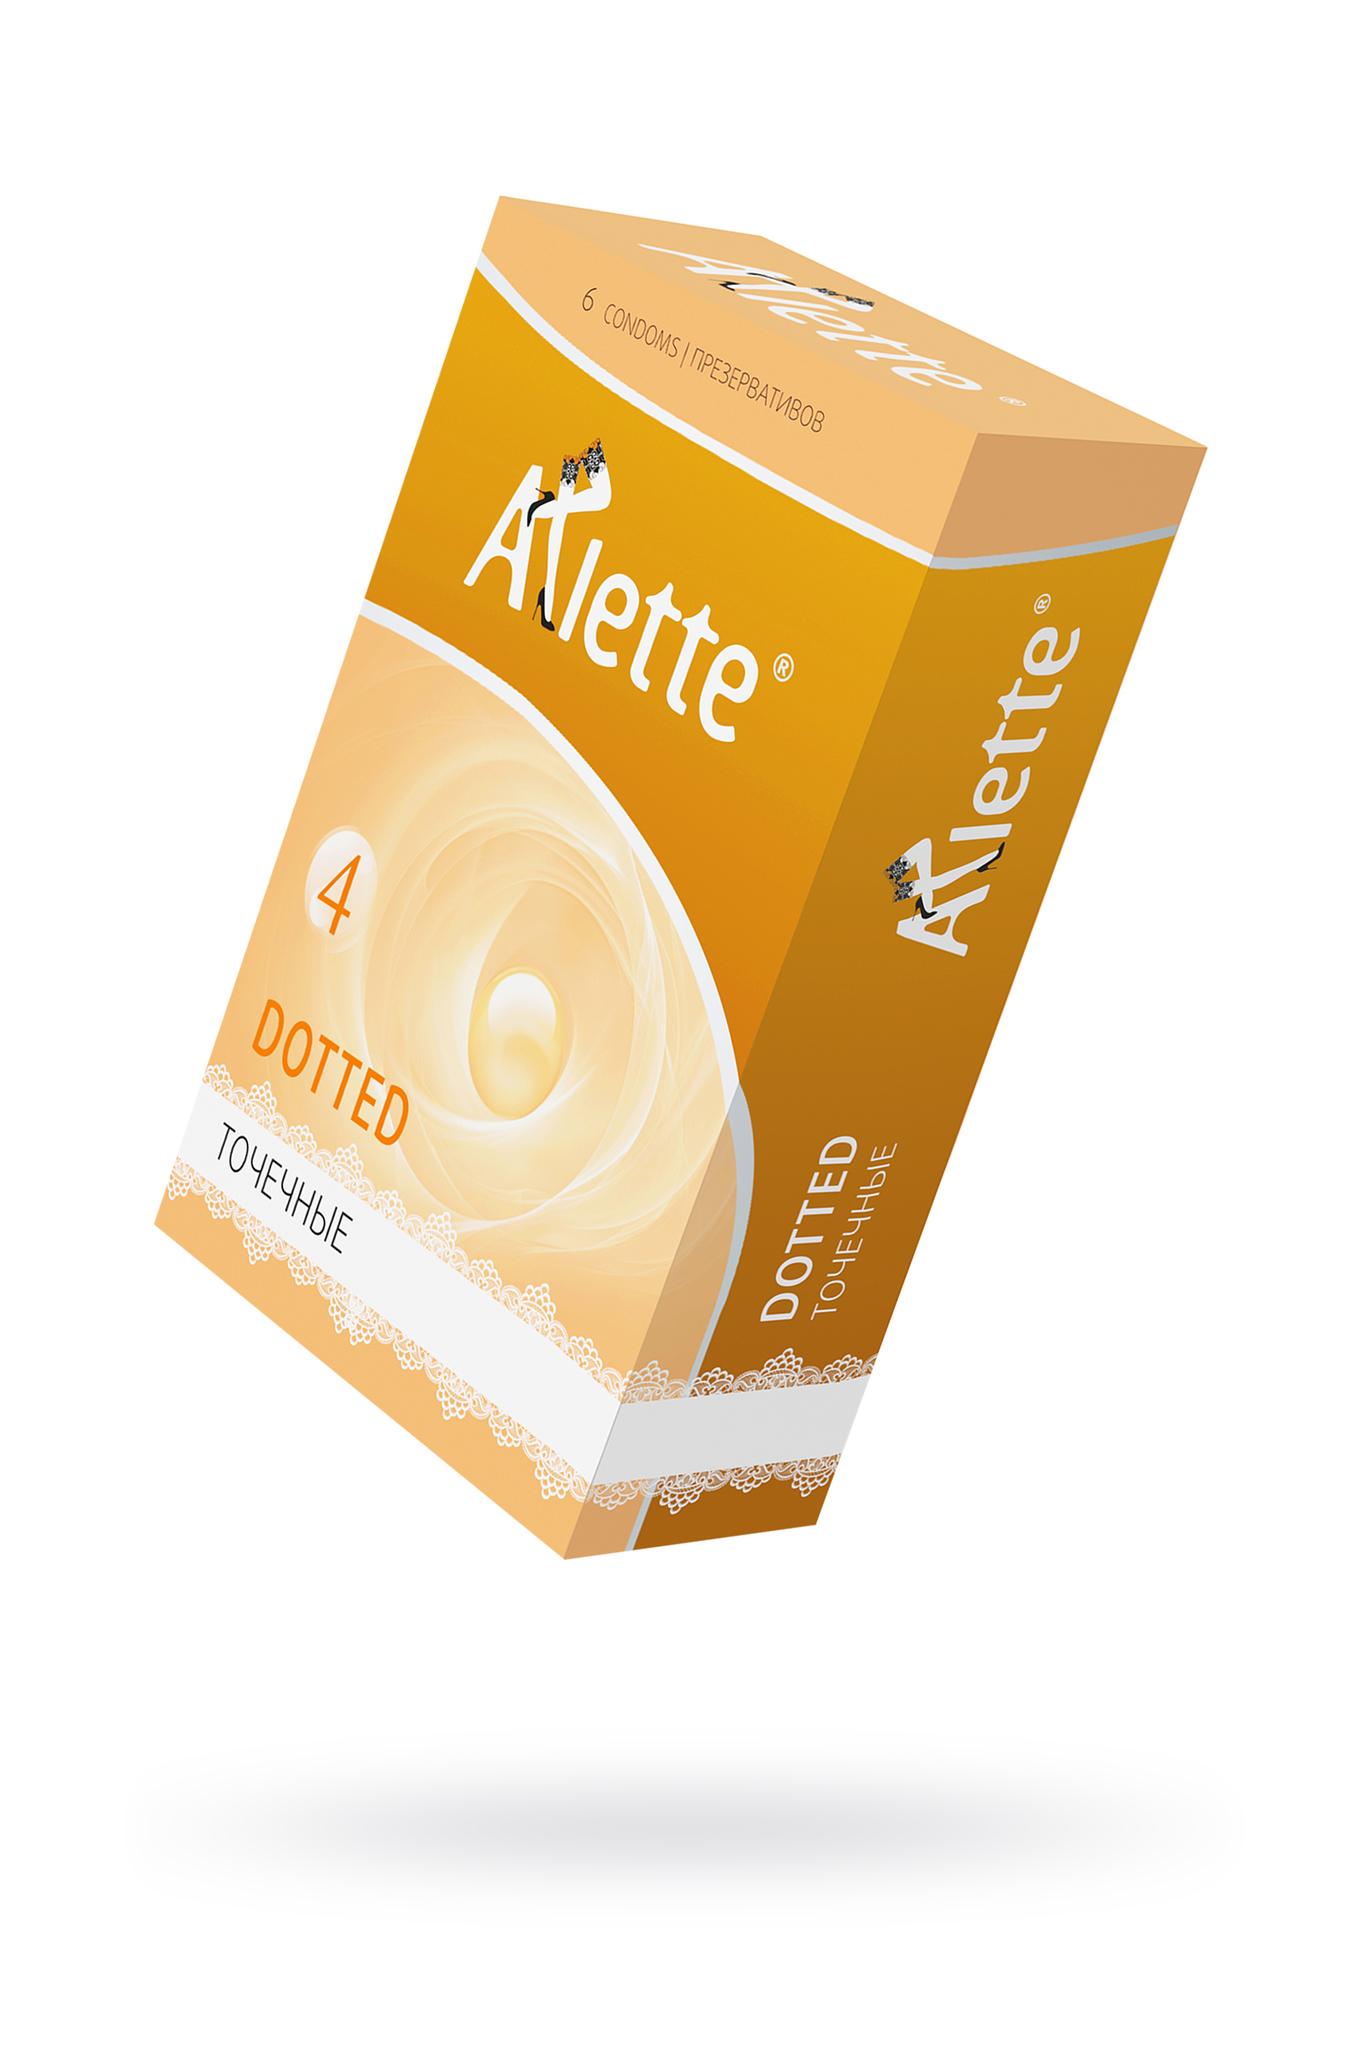 Презервативы Arlette №6, Dotted Точечные 6 шт. фото